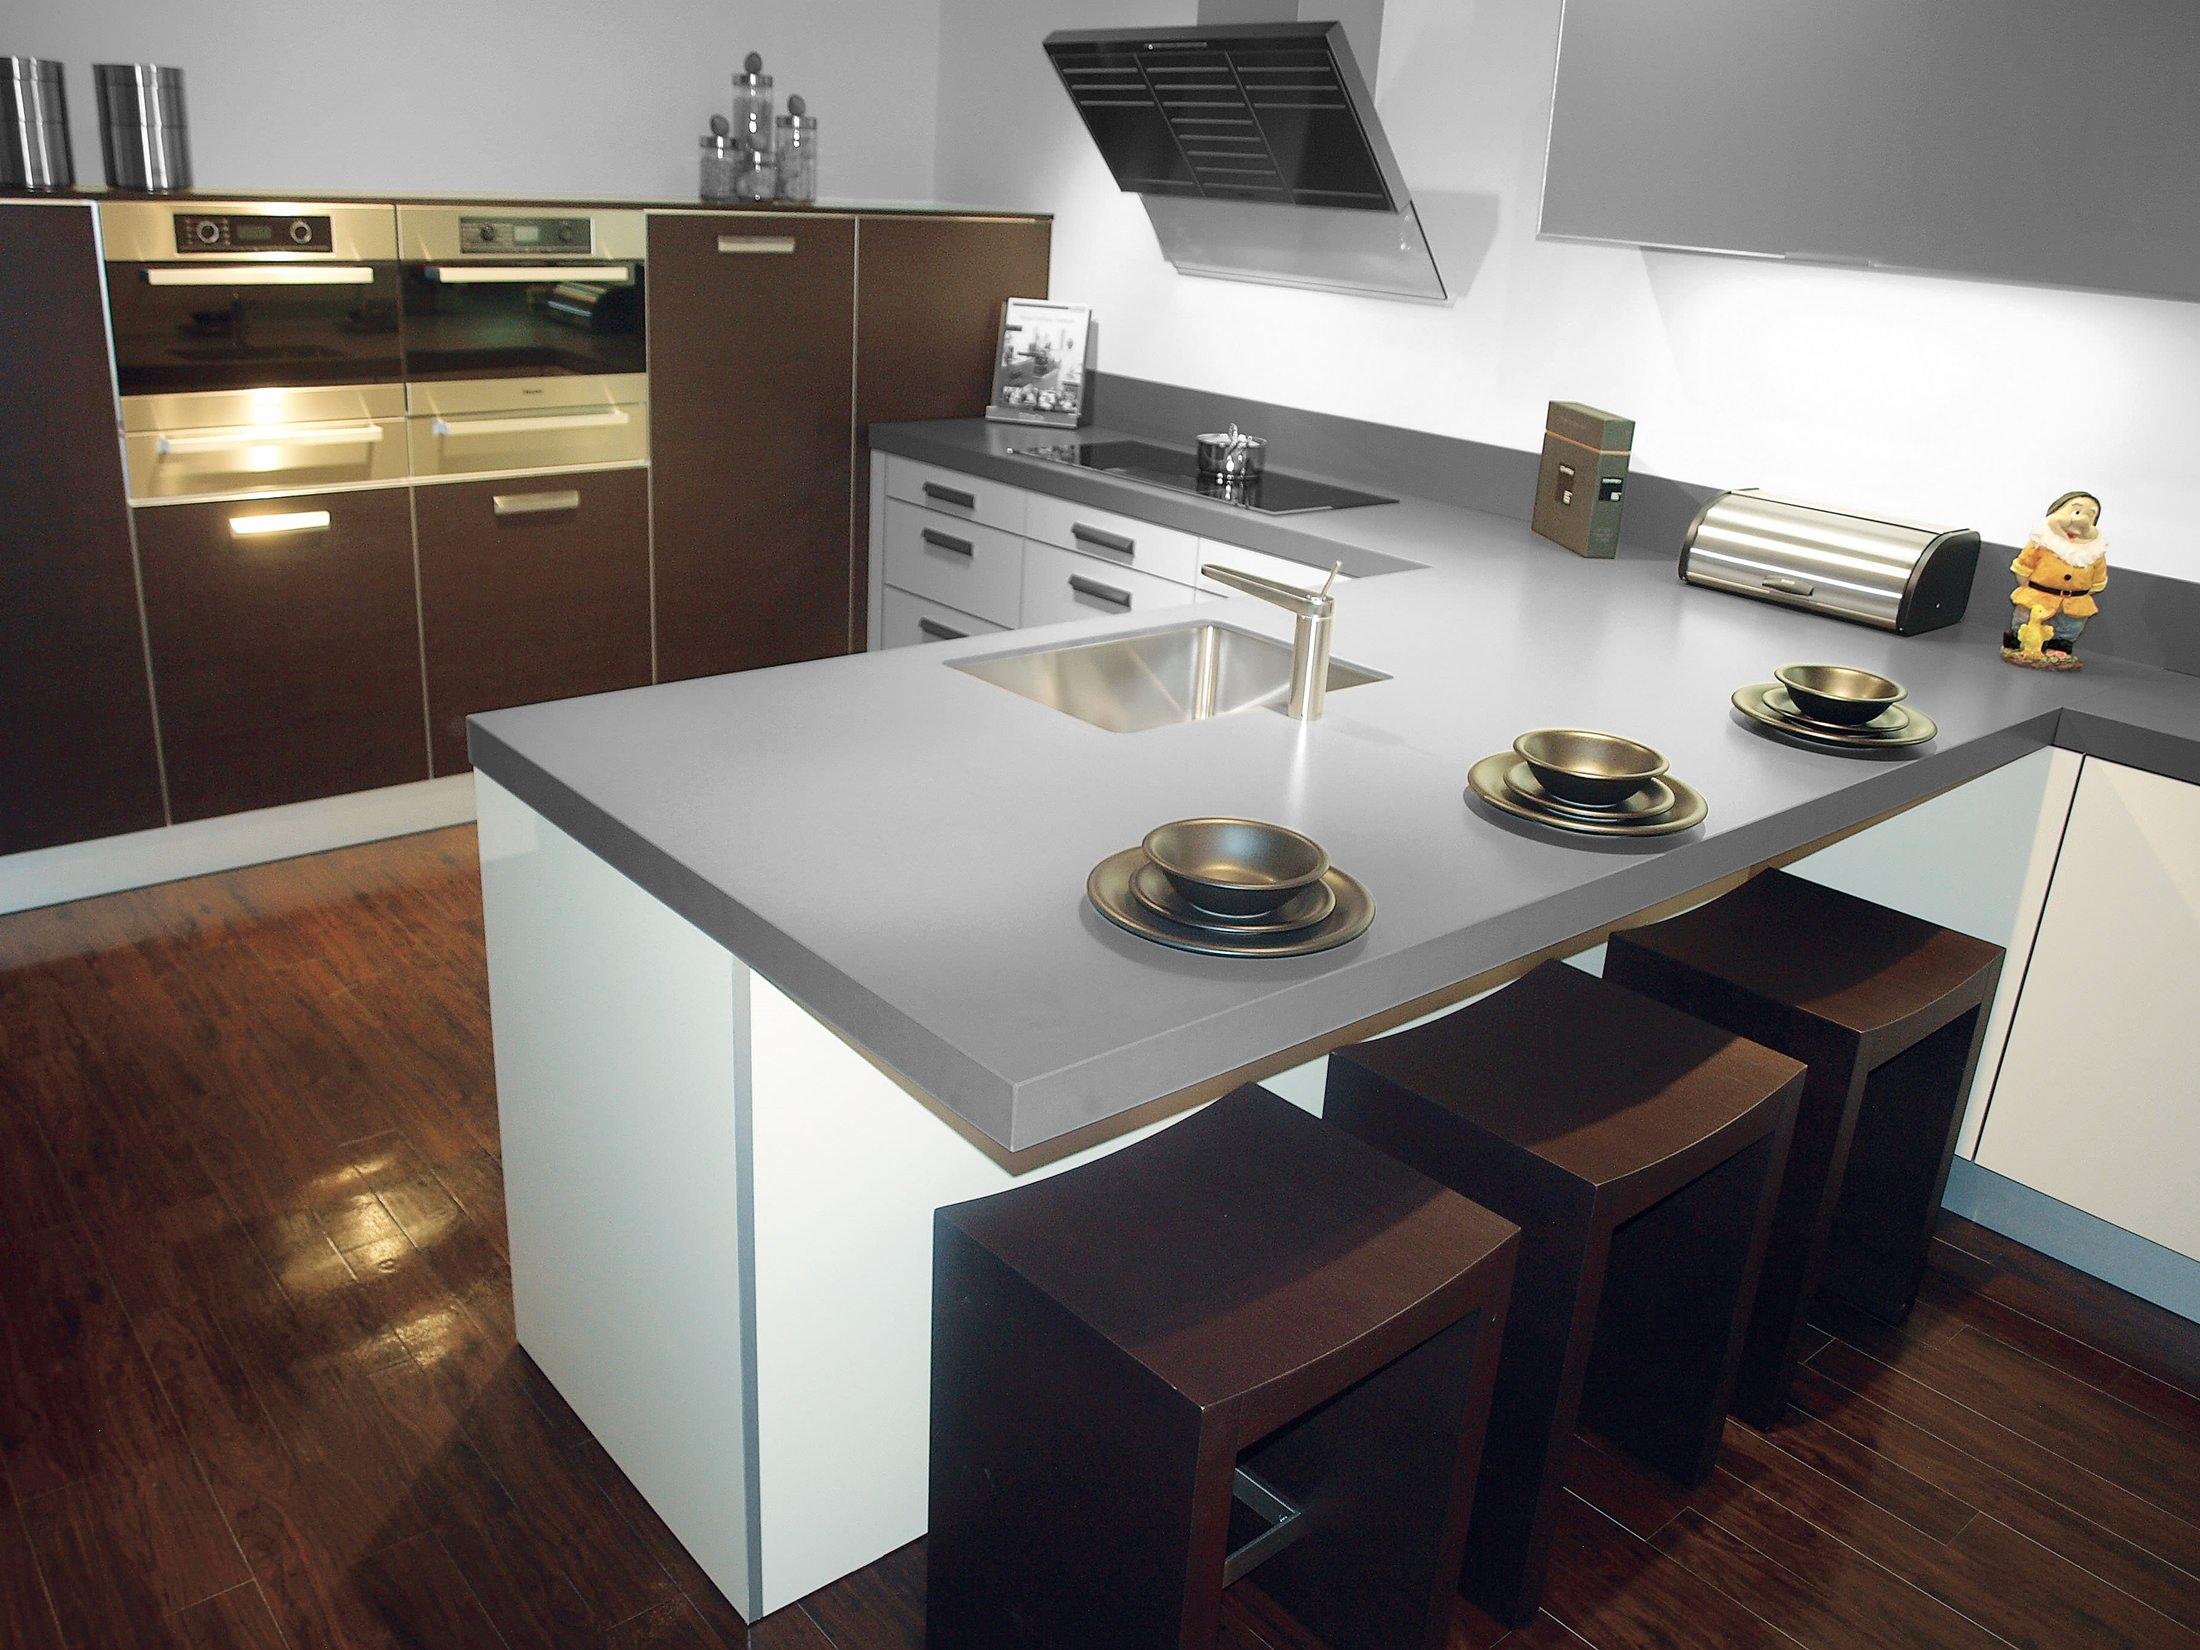 Encimeras de cocina y ba o icarostone - Colores de granito para encimeras ...